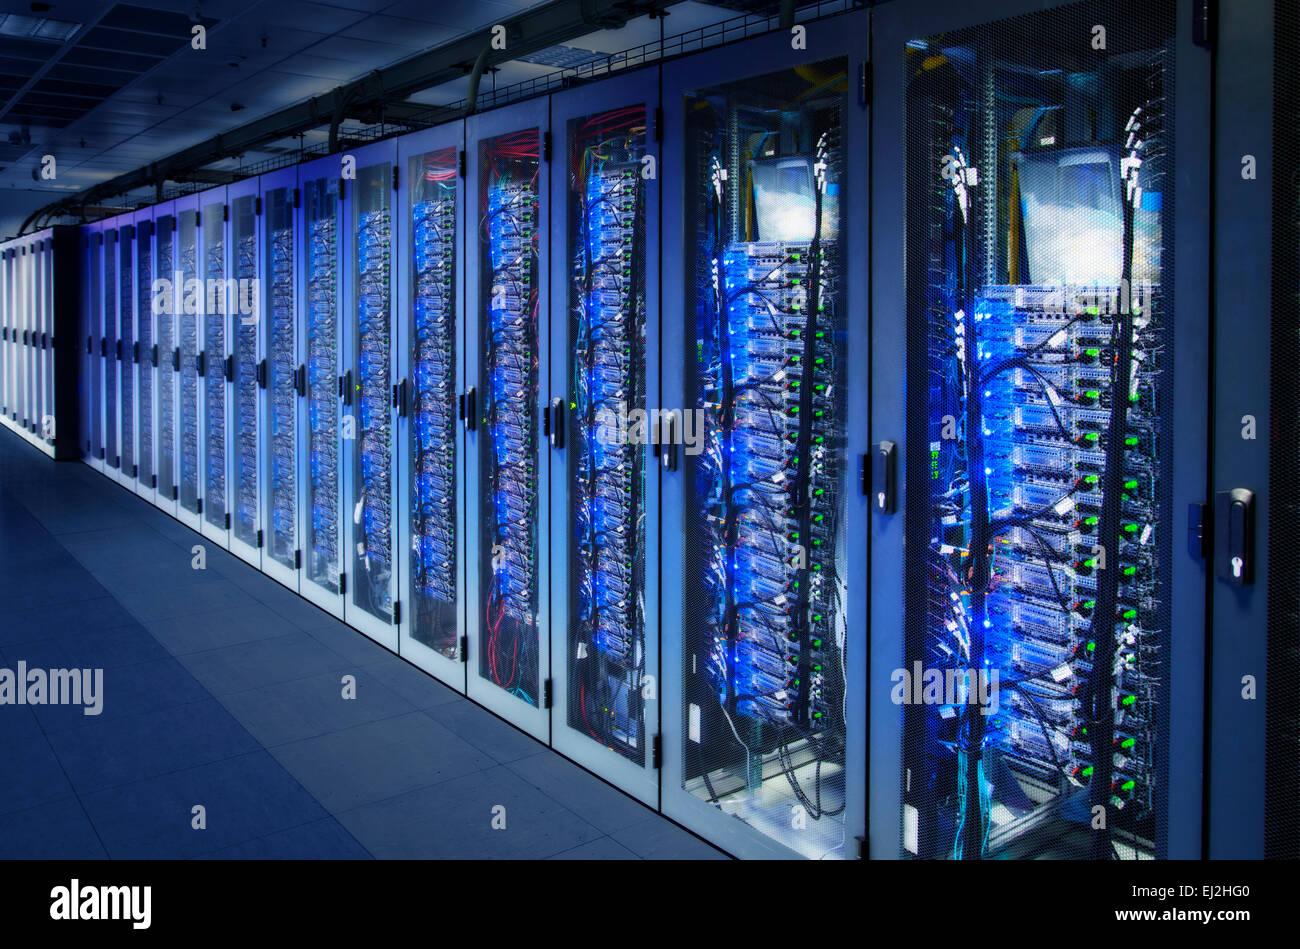 Gli armadi di rete con server rack in un centro dati. Composito Digitale (CC) Immagini Stock